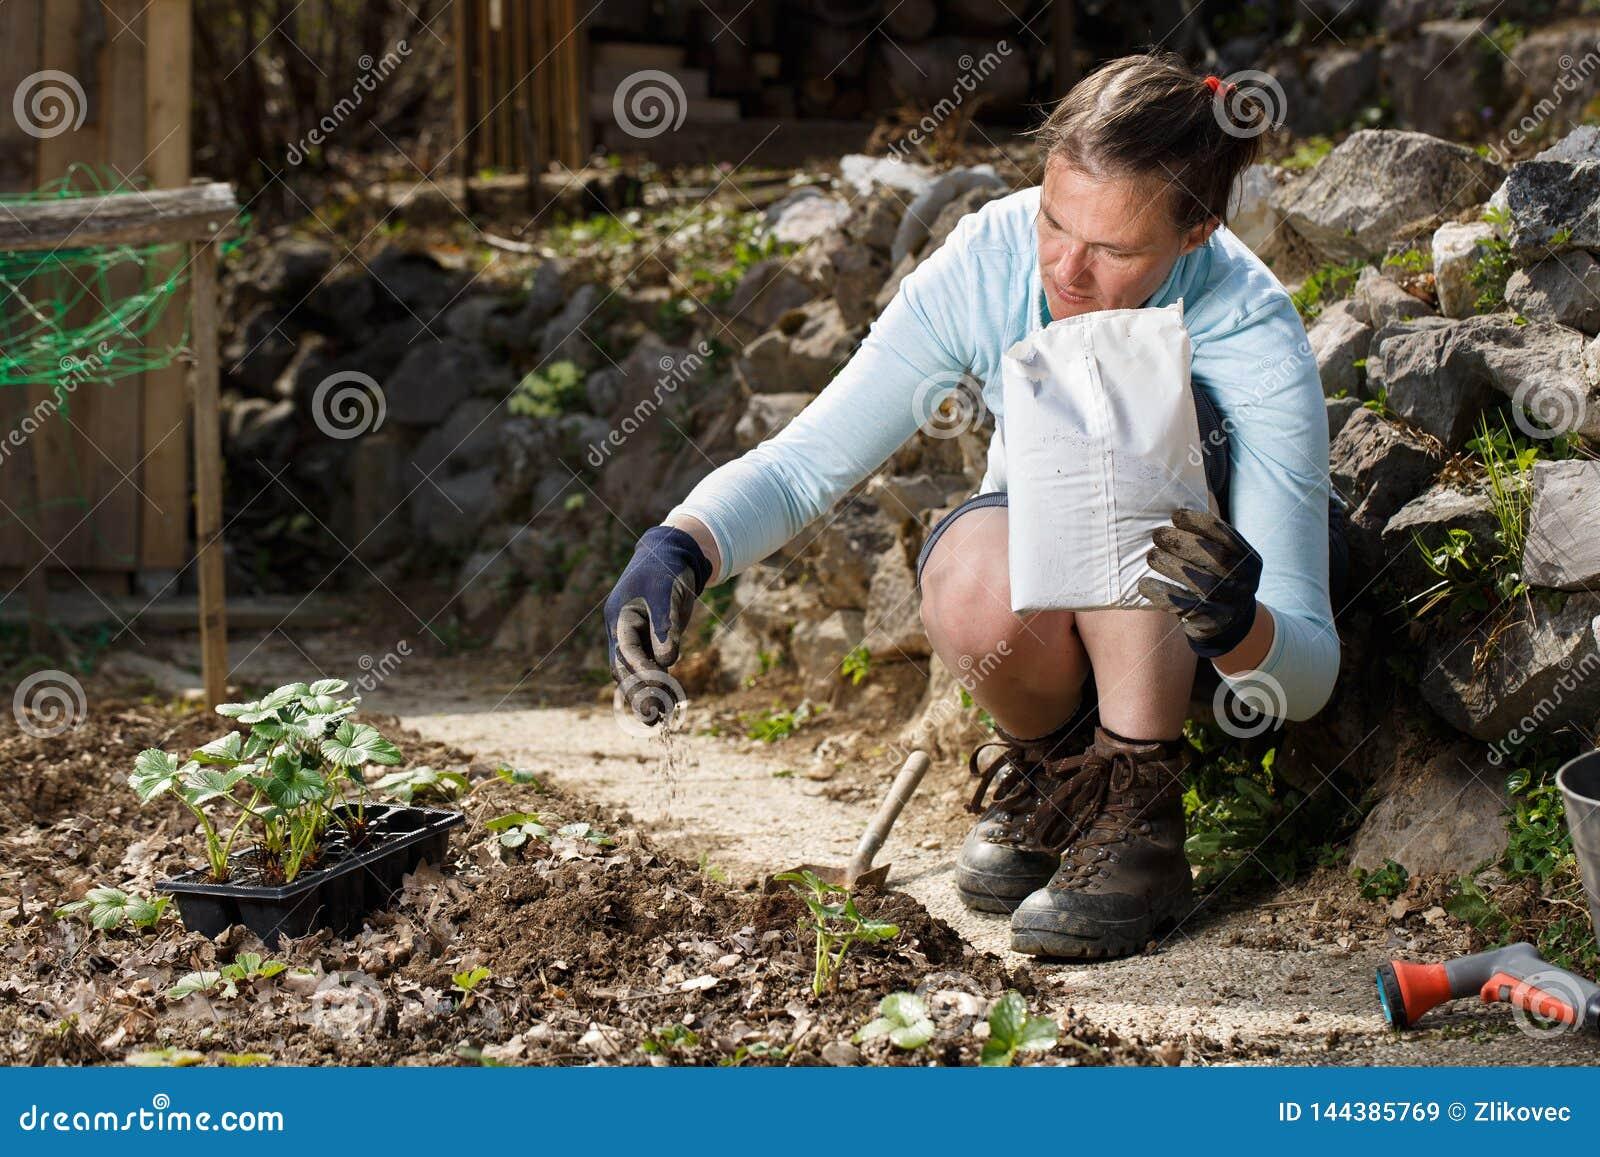 混和有机肥料腐殖粒子的花匠与土壤,丰富土壤